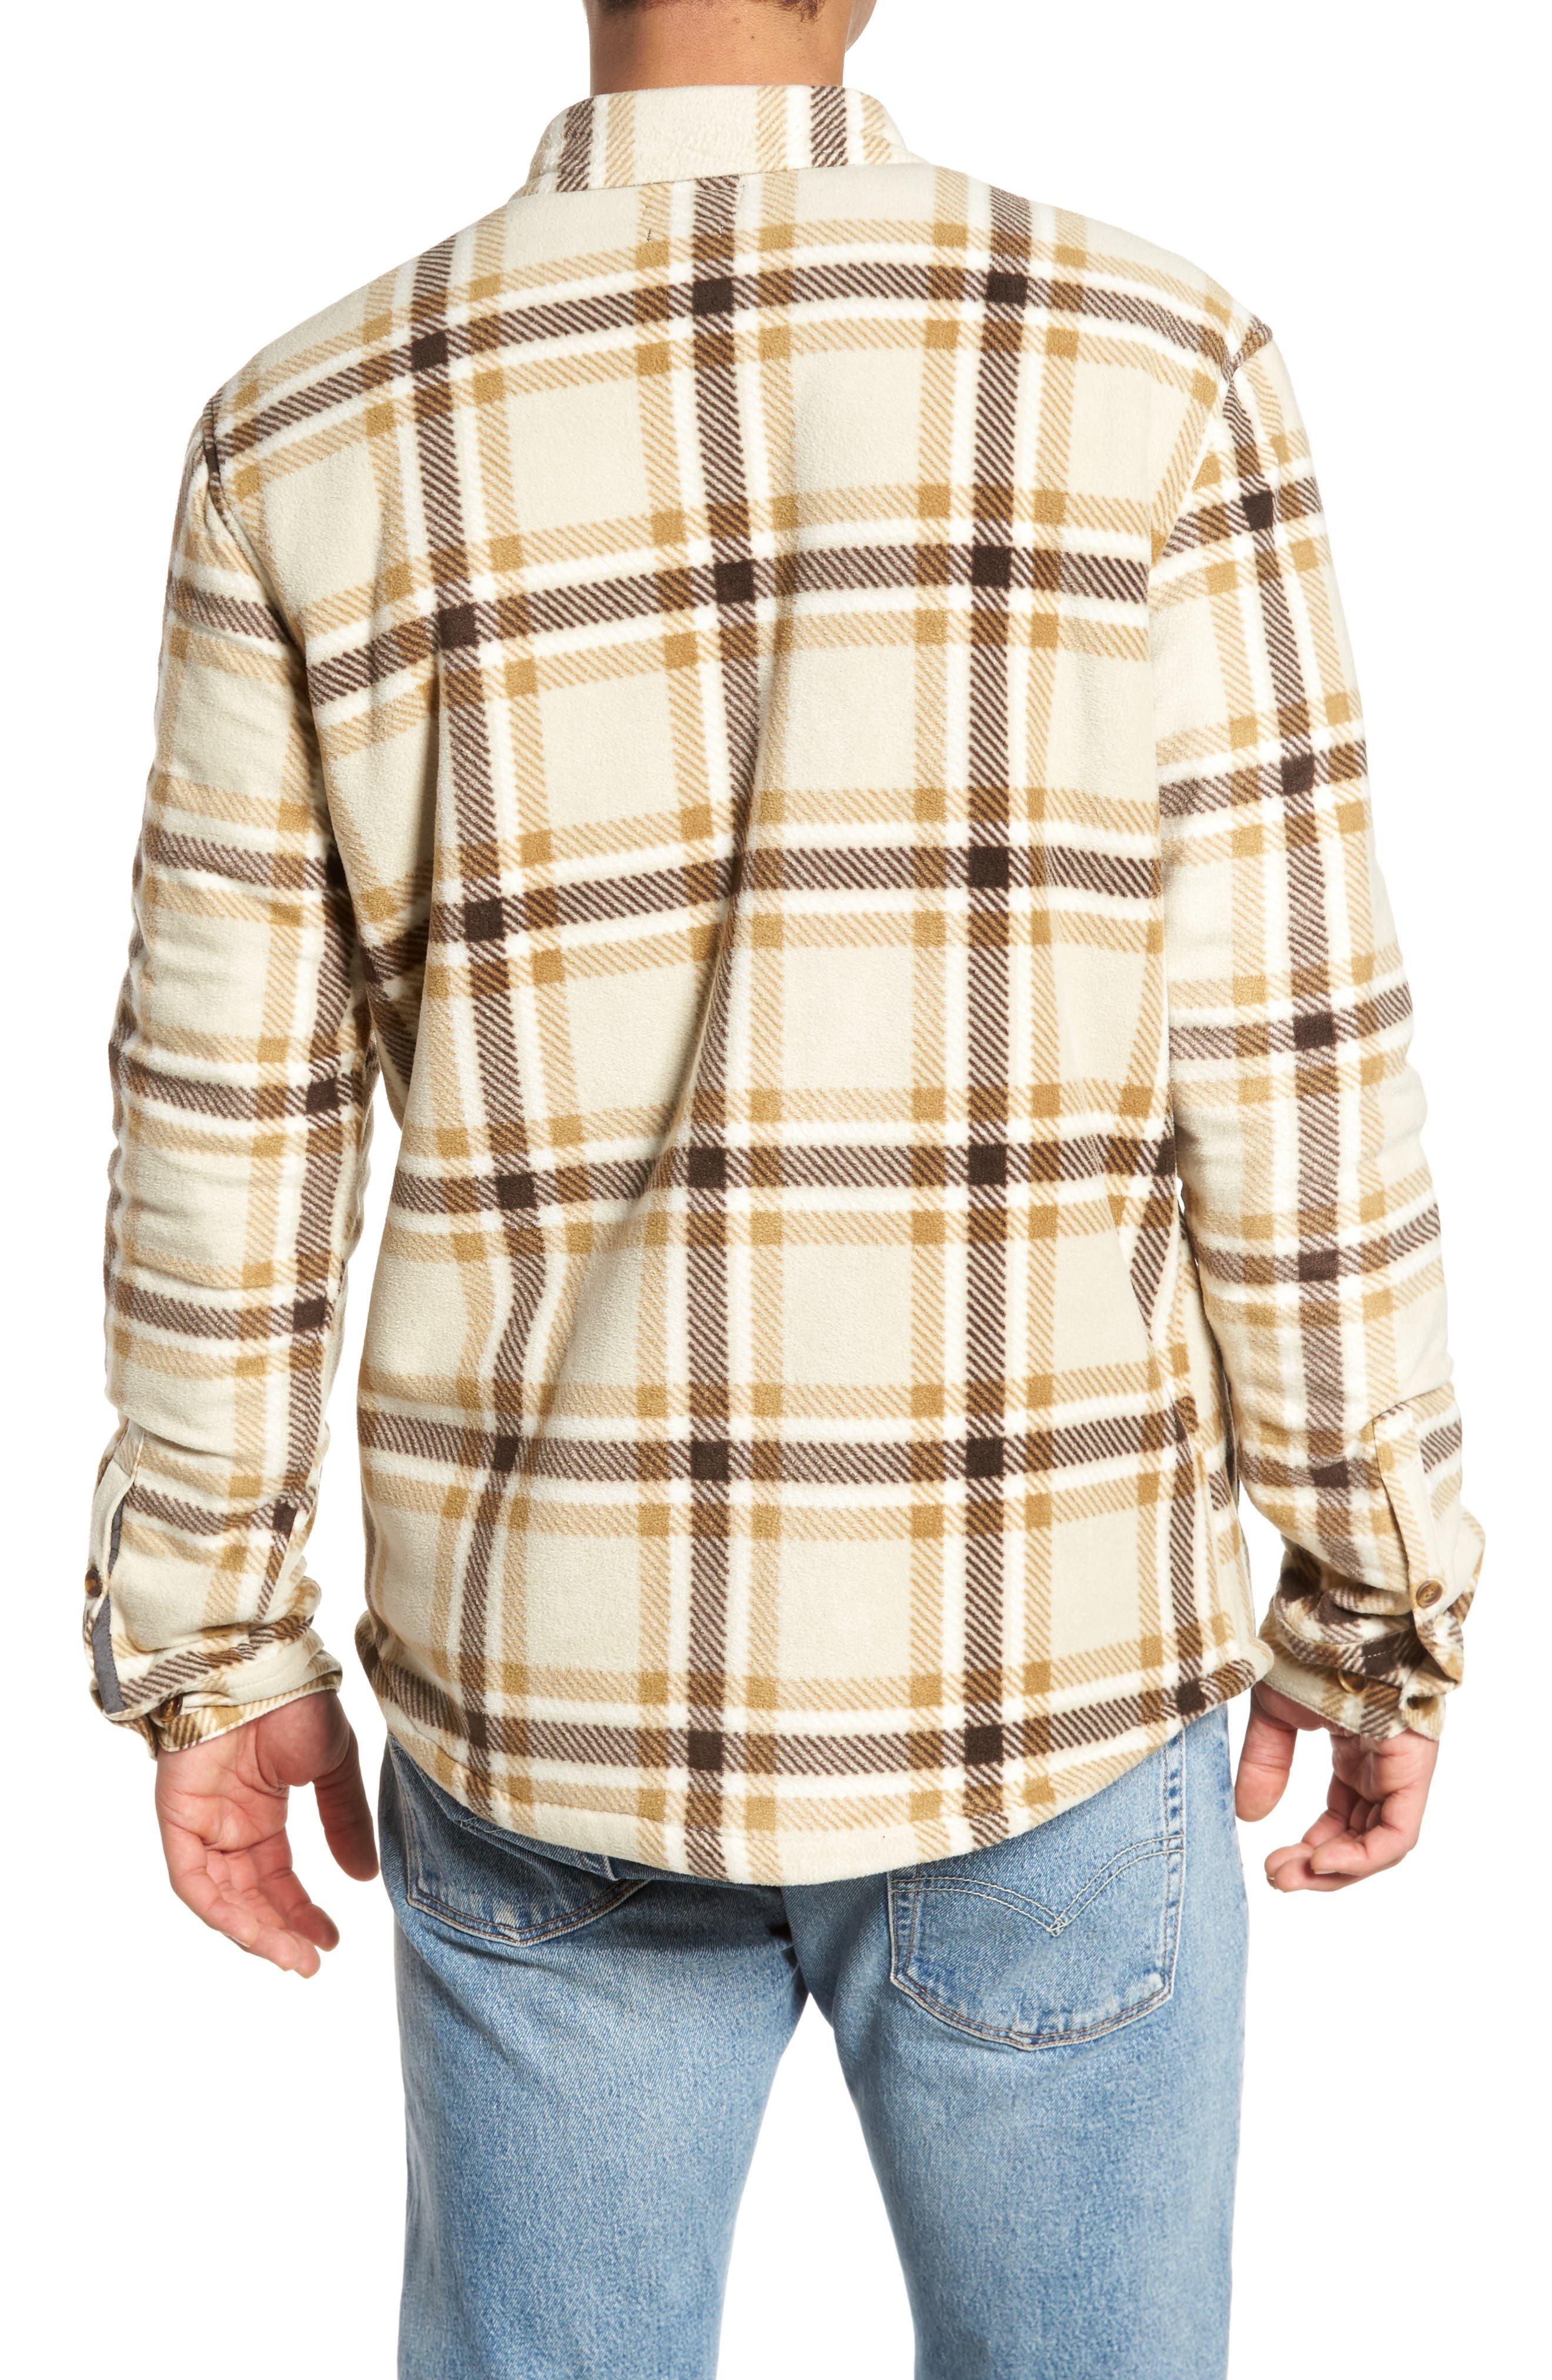 Glacier Heat Dome Plaid Fleece Shirt,                             Alternate thumbnail 2, color,                             Stone